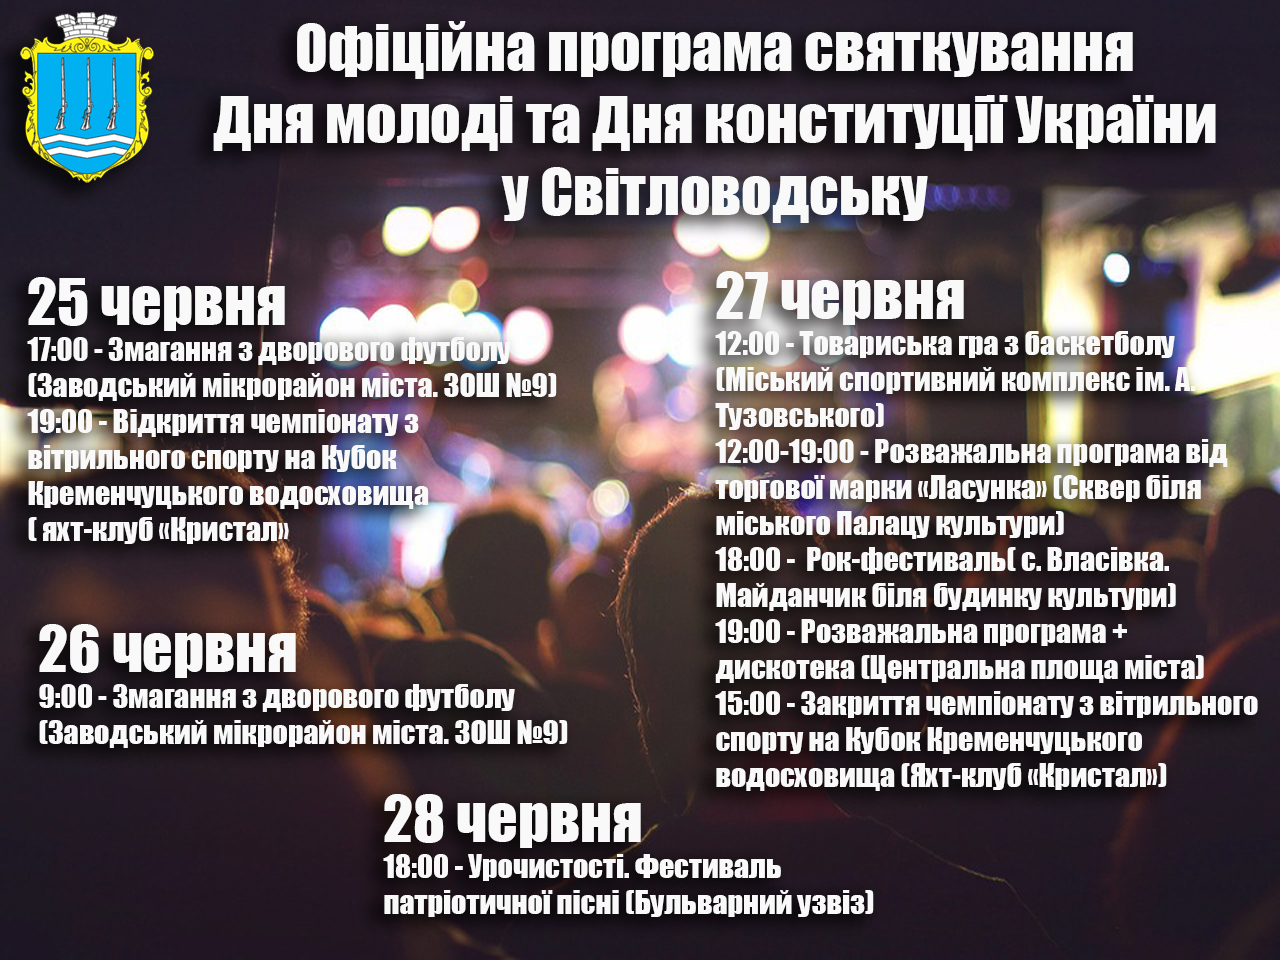 Офіційна програма святкування Дня молоді та Дня конституції у Світловодську